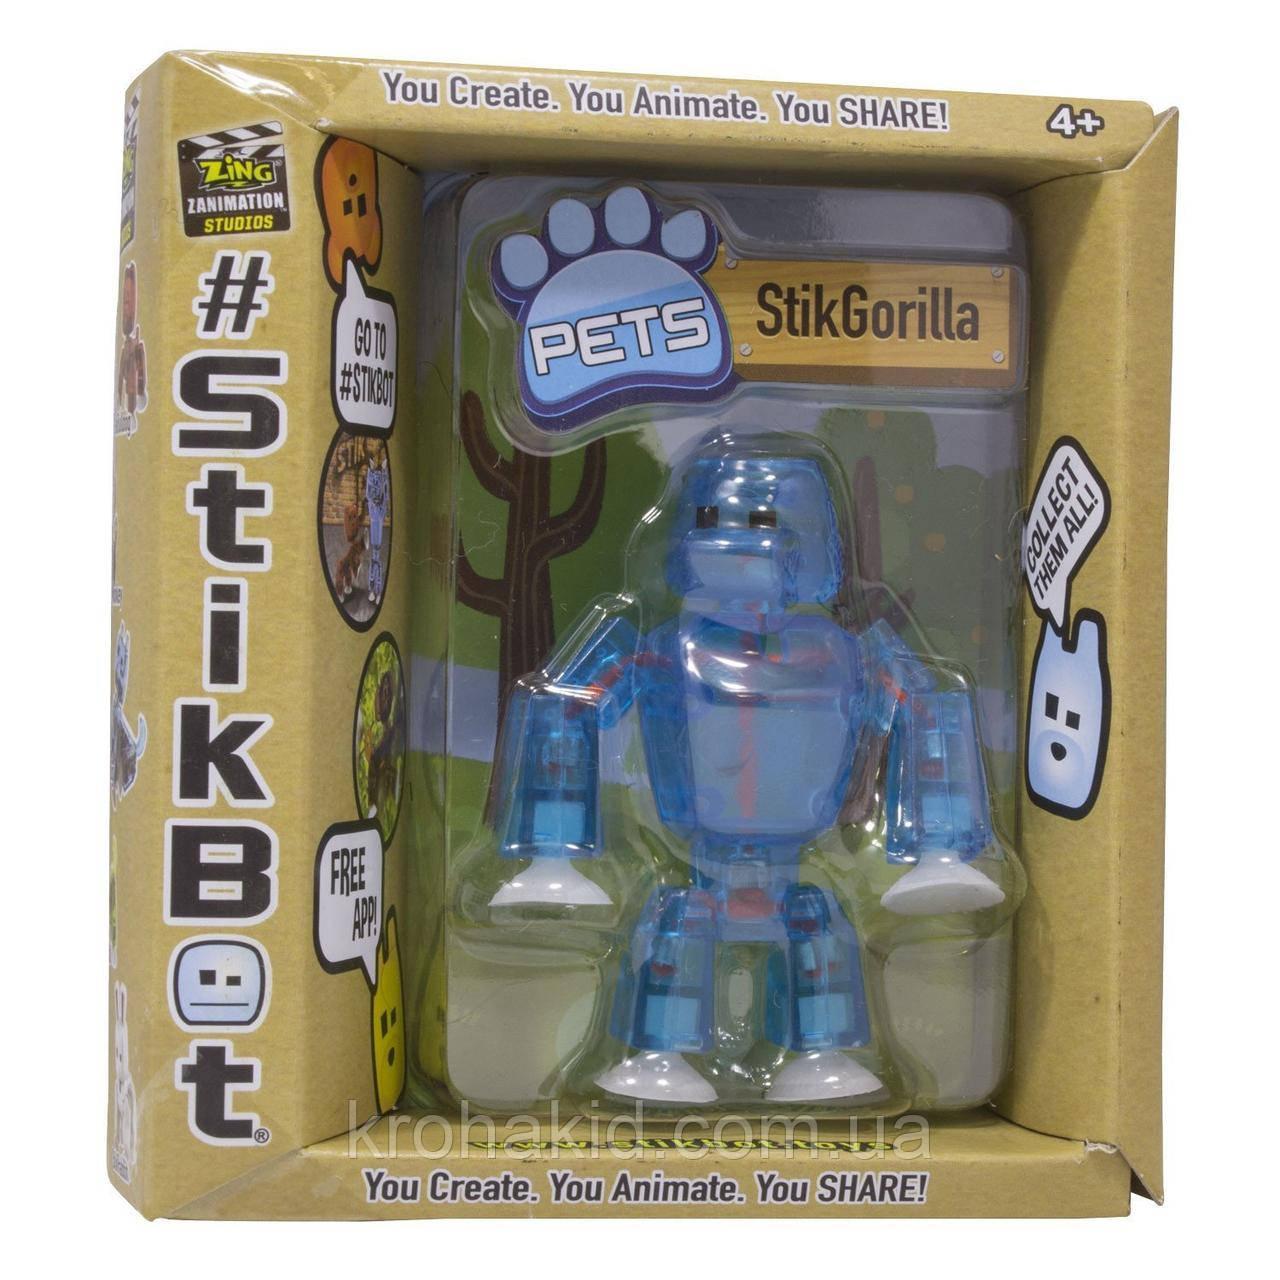 Фігурка Горила Stikgorilla для анімаційного творчості TST622SF Stikbot Safari Pets